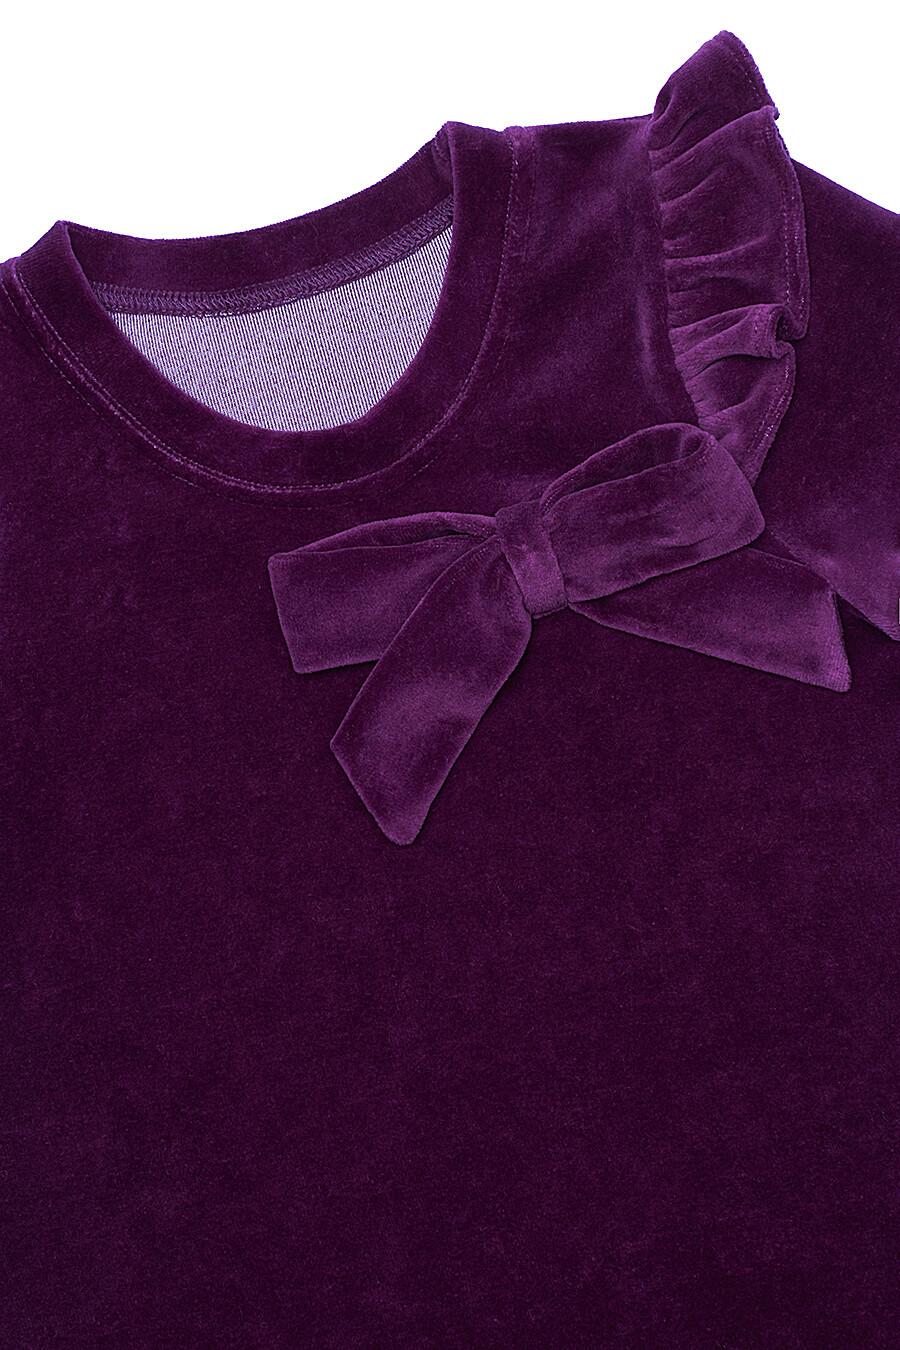 Платье для девочек LUCKY CHILD 184761 купить оптом от производителя. Совместная покупка детской одежды в OptMoyo